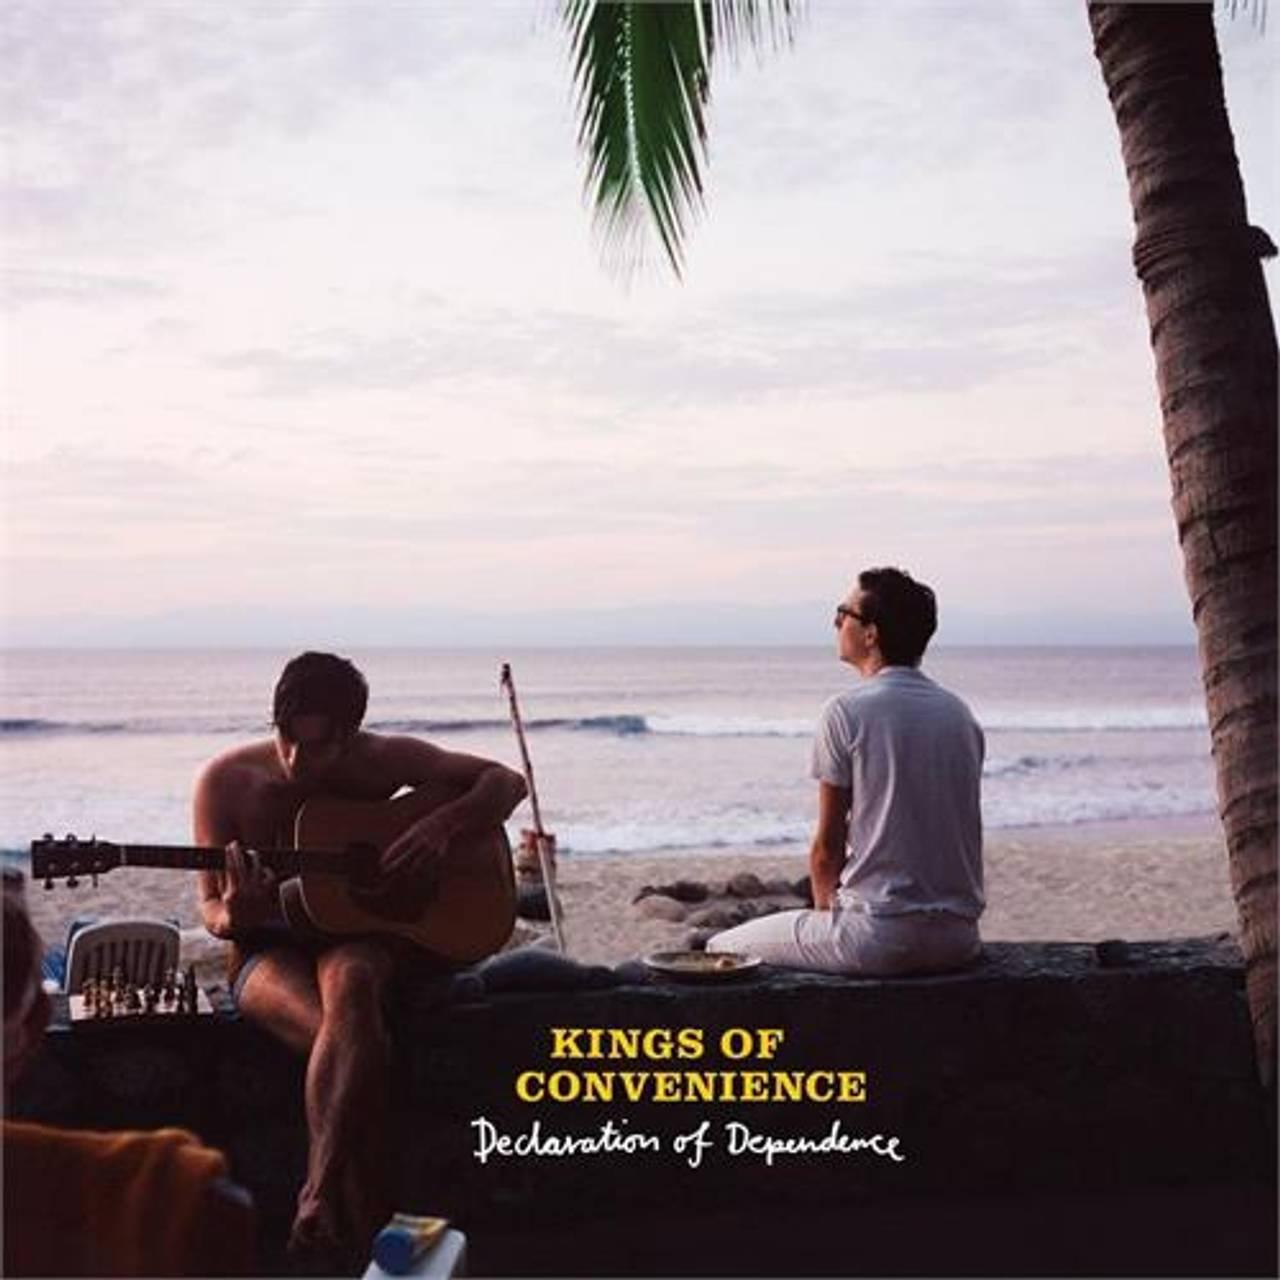 Declaration of Dependence er et musikkalbum med Kings of Convenience, utgitt den 20. oktober 2009.